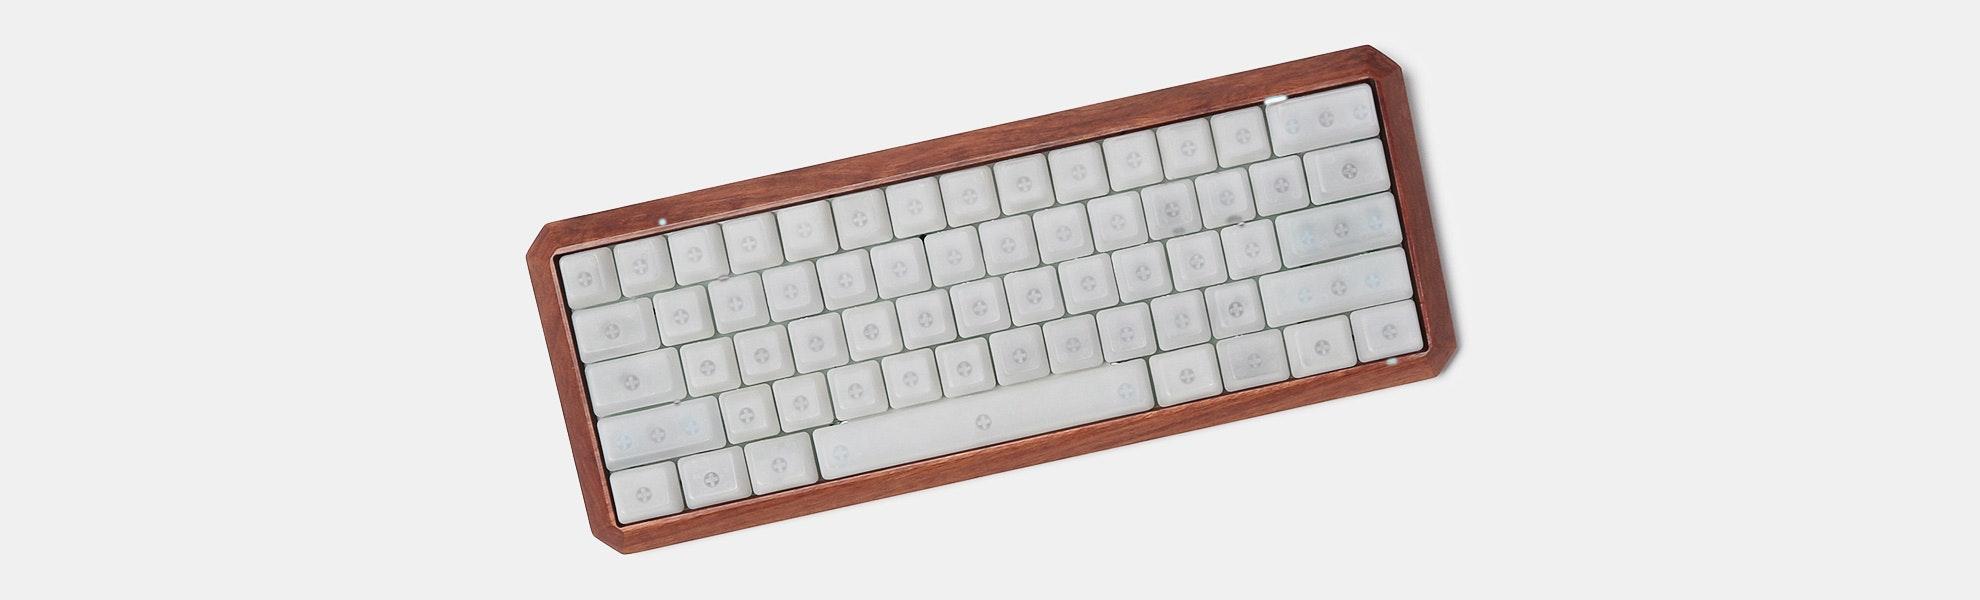 NPKC: KBDFans 5° Wood 60% Keyboard Case